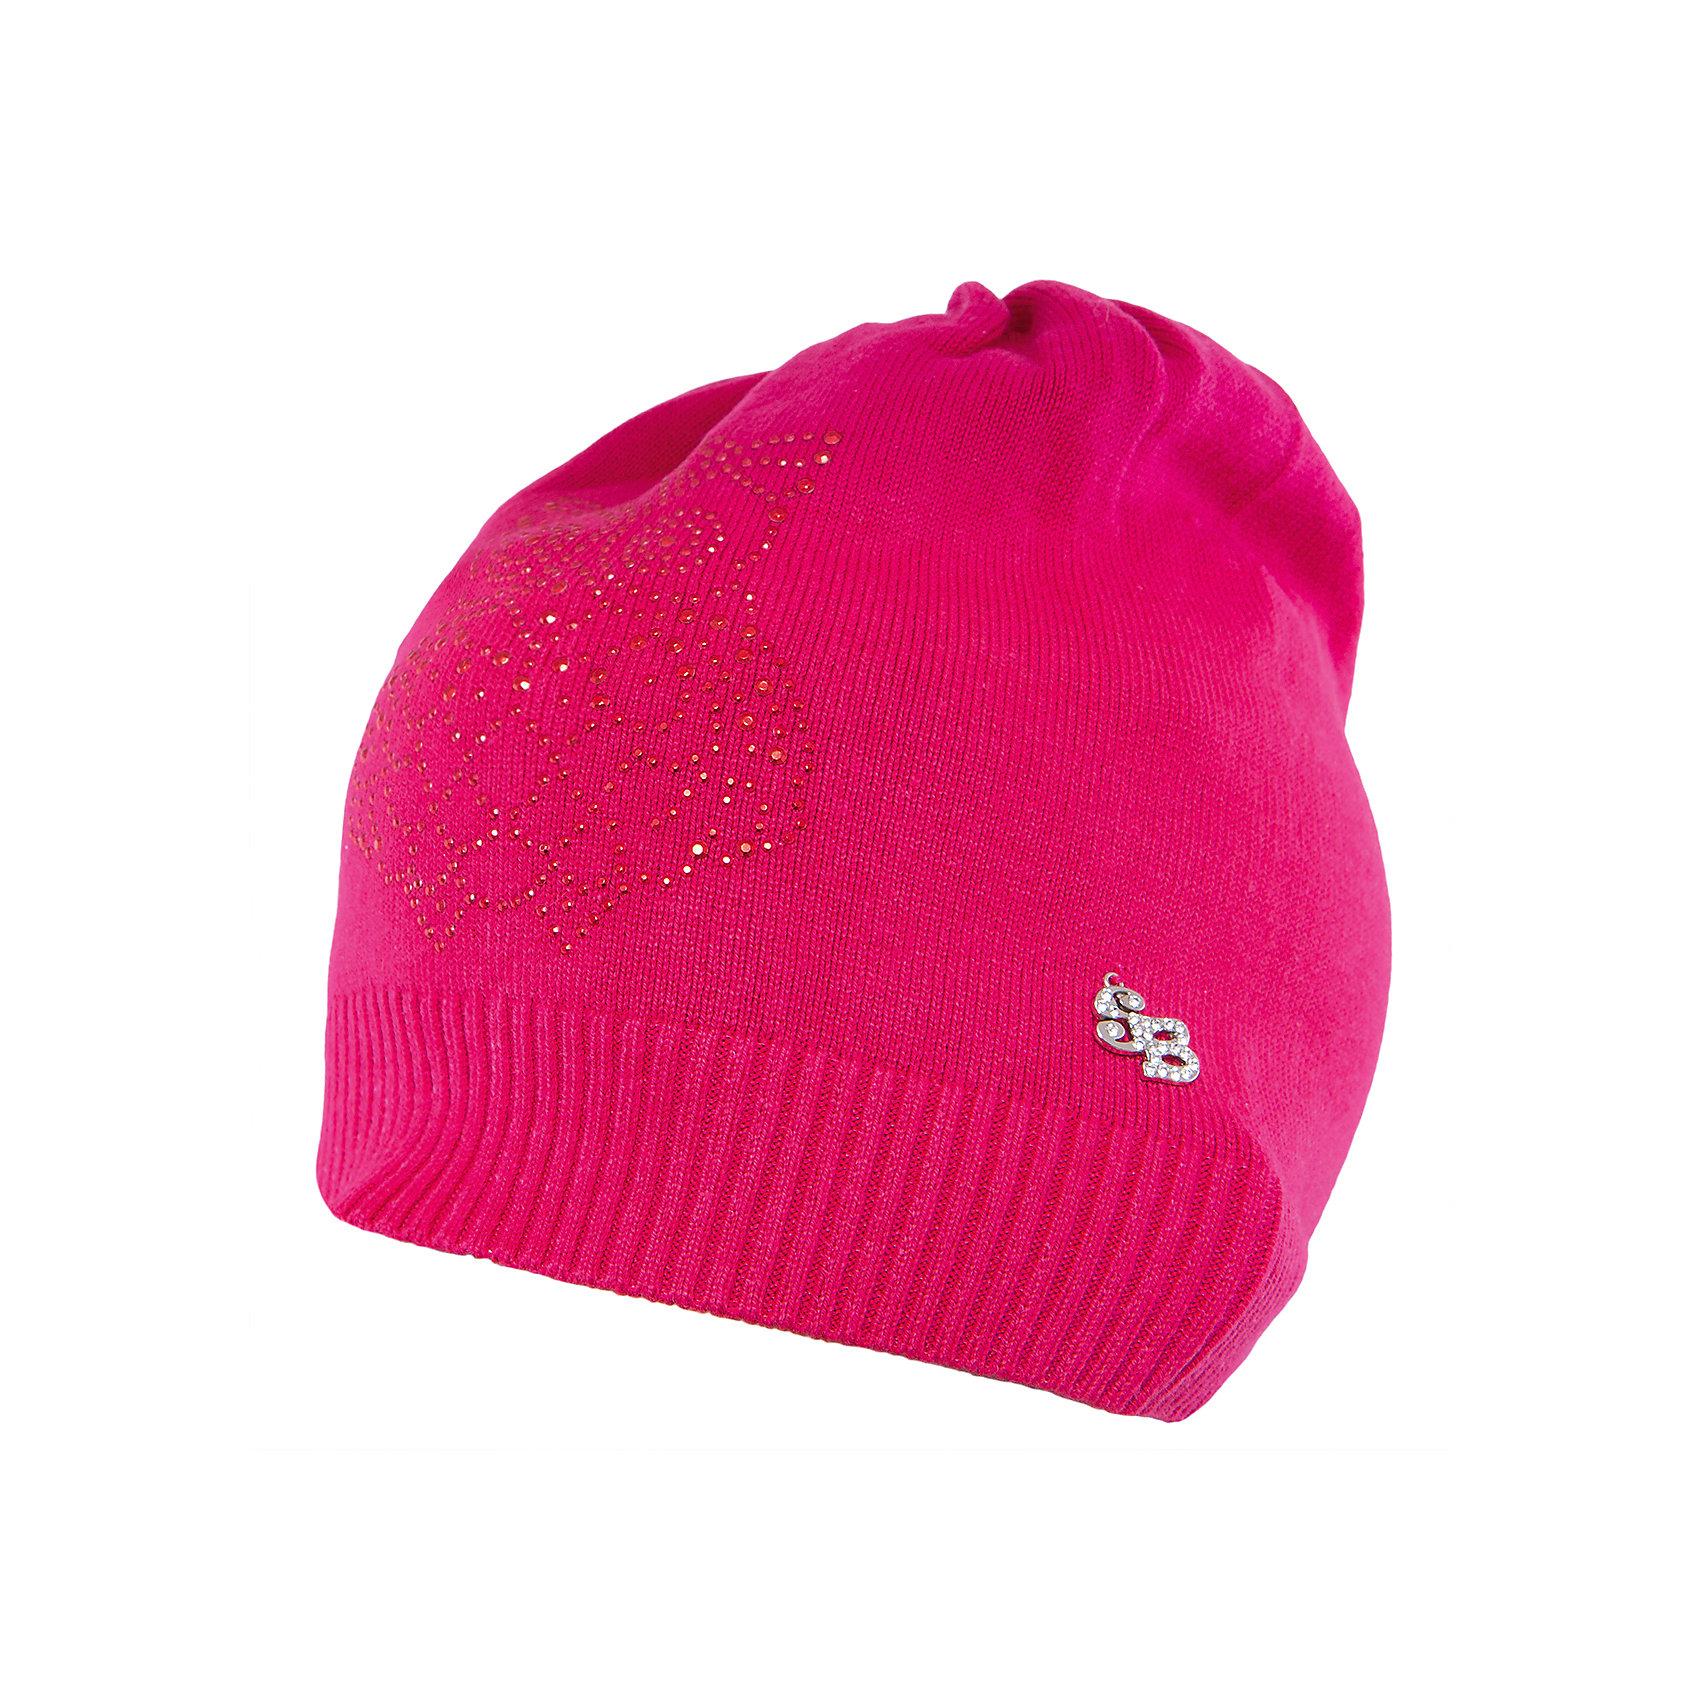 Шапка для девочки Sweet BerryГоловные уборы<br>Такая шапка для девочки отличается модным дизайном: узор из страз добавляет изделию оригинальности. Удачный крой обеспечит ребенку комфорт и тепло. Край изделия обработан мягкой резинкой, поэтому вещь плотно прилегает к голове. Украшена шапка симпатичной подвеской.<br>Одежда от бренда Sweet Berry - это простой и выгодный способ одеть ребенка удобно и стильно. Всё изделия тщательно проработаны: швы - прочные, материал - качественный, фурнитура - подобранная специально для детей. <br><br>Дополнительная информация:<br><br>цвет: розовый;<br>материал: 60% хлопок, 40% акрил;<br>украшена стразами и подвеской.<br><br>Шапку для девочки от бренда Sweet Berry можно купить в нашем интернет-магазине.<br><br>Ширина мм: 89<br>Глубина мм: 117<br>Высота мм: 44<br>Вес г: 155<br>Цвет: розовый<br>Возраст от месяцев: 24<br>Возраст до месяцев: 36<br>Пол: Женский<br>Возраст: Детский<br>Размер: 50,54,52<br>SKU: 4931676